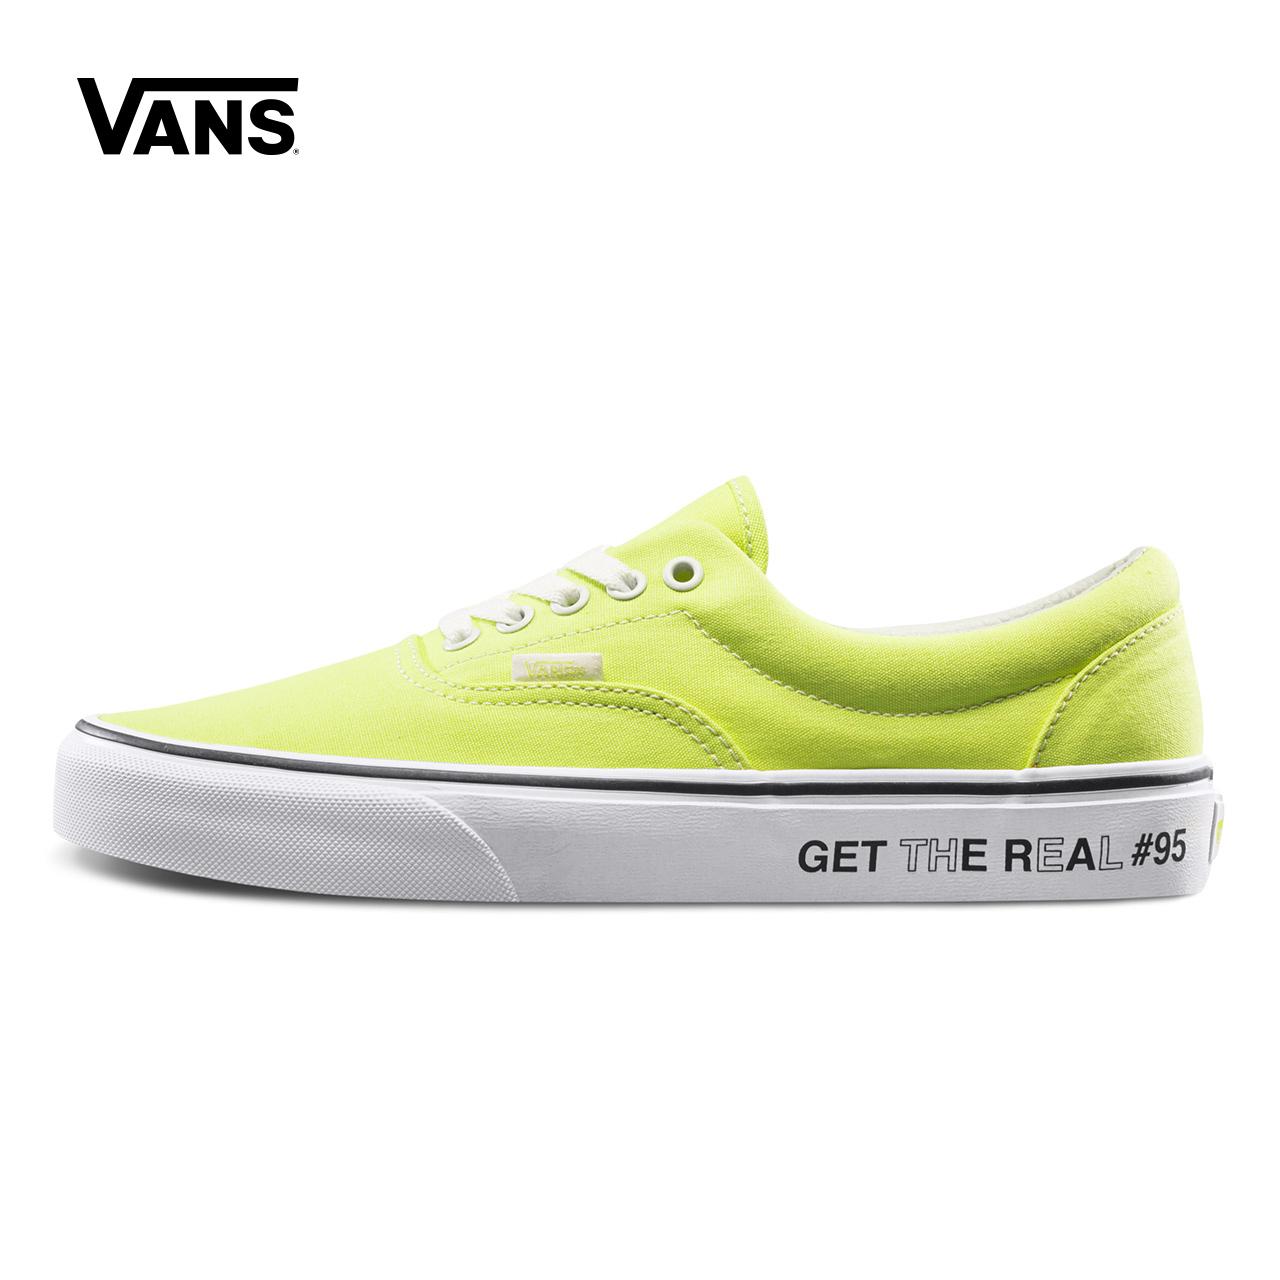 Vans范斯官方正品 GET THE REAL#95 新款Era低帮情侣款运动鞋